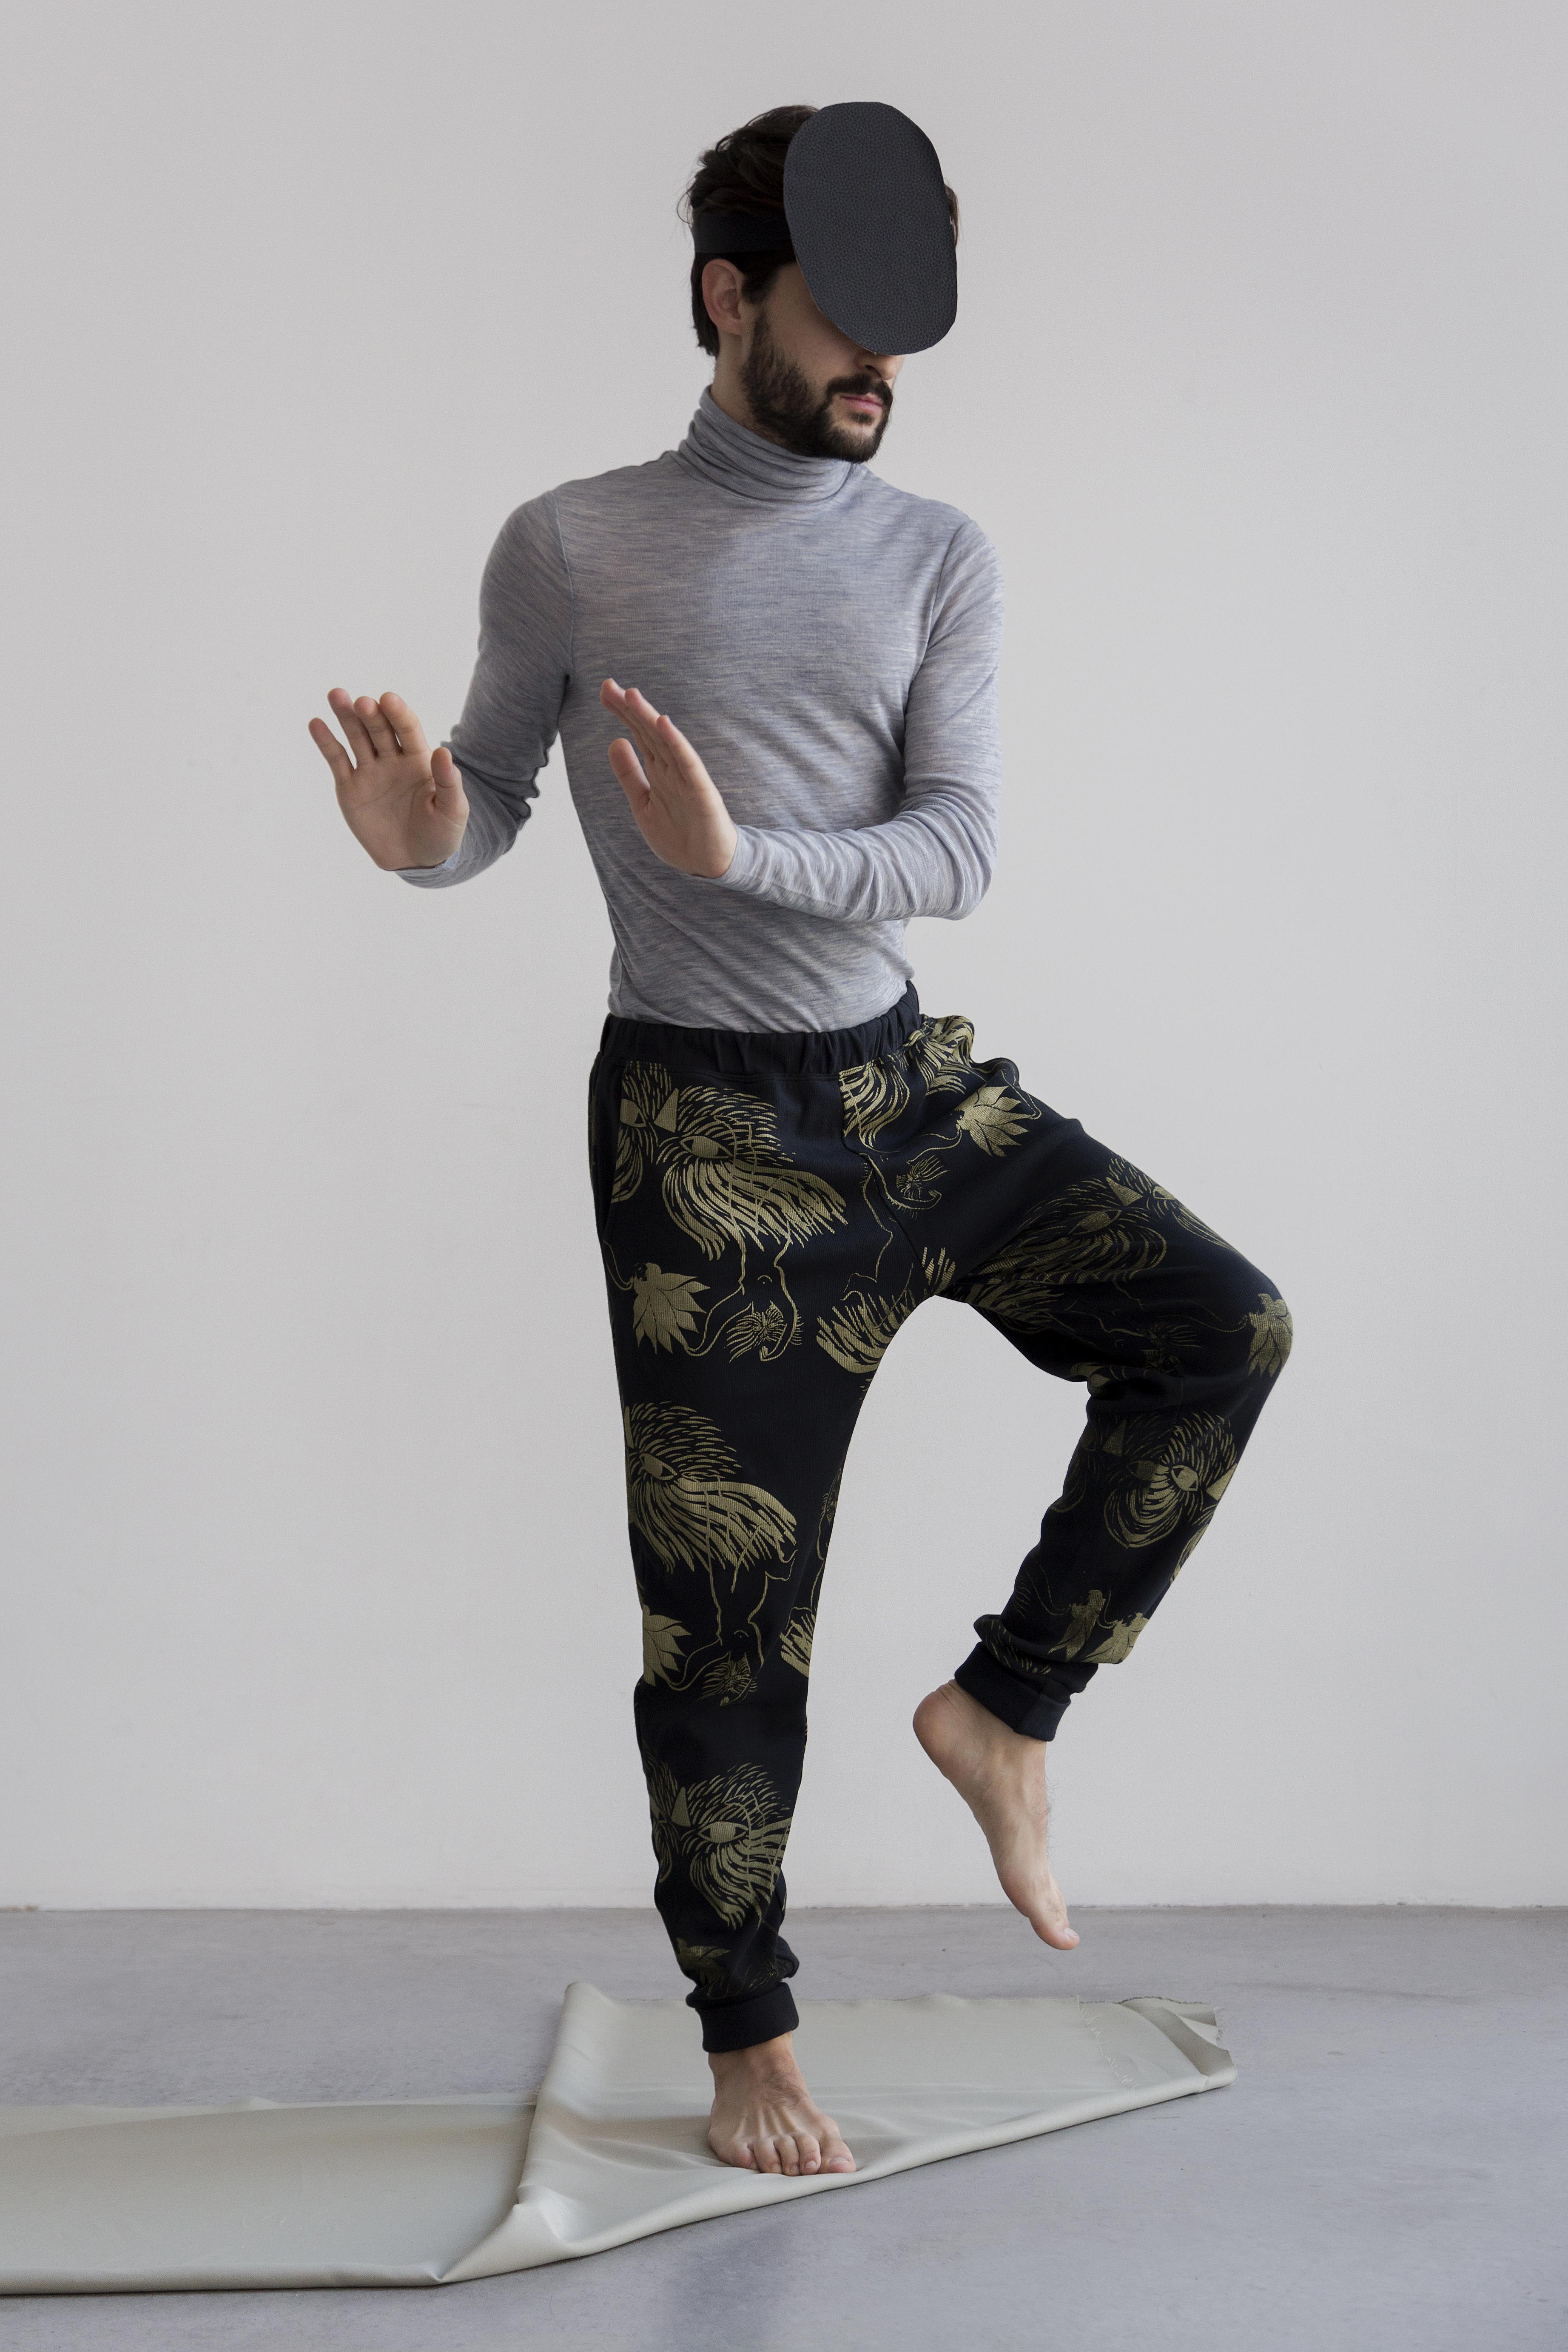 Dancer print on anthracite Jogging